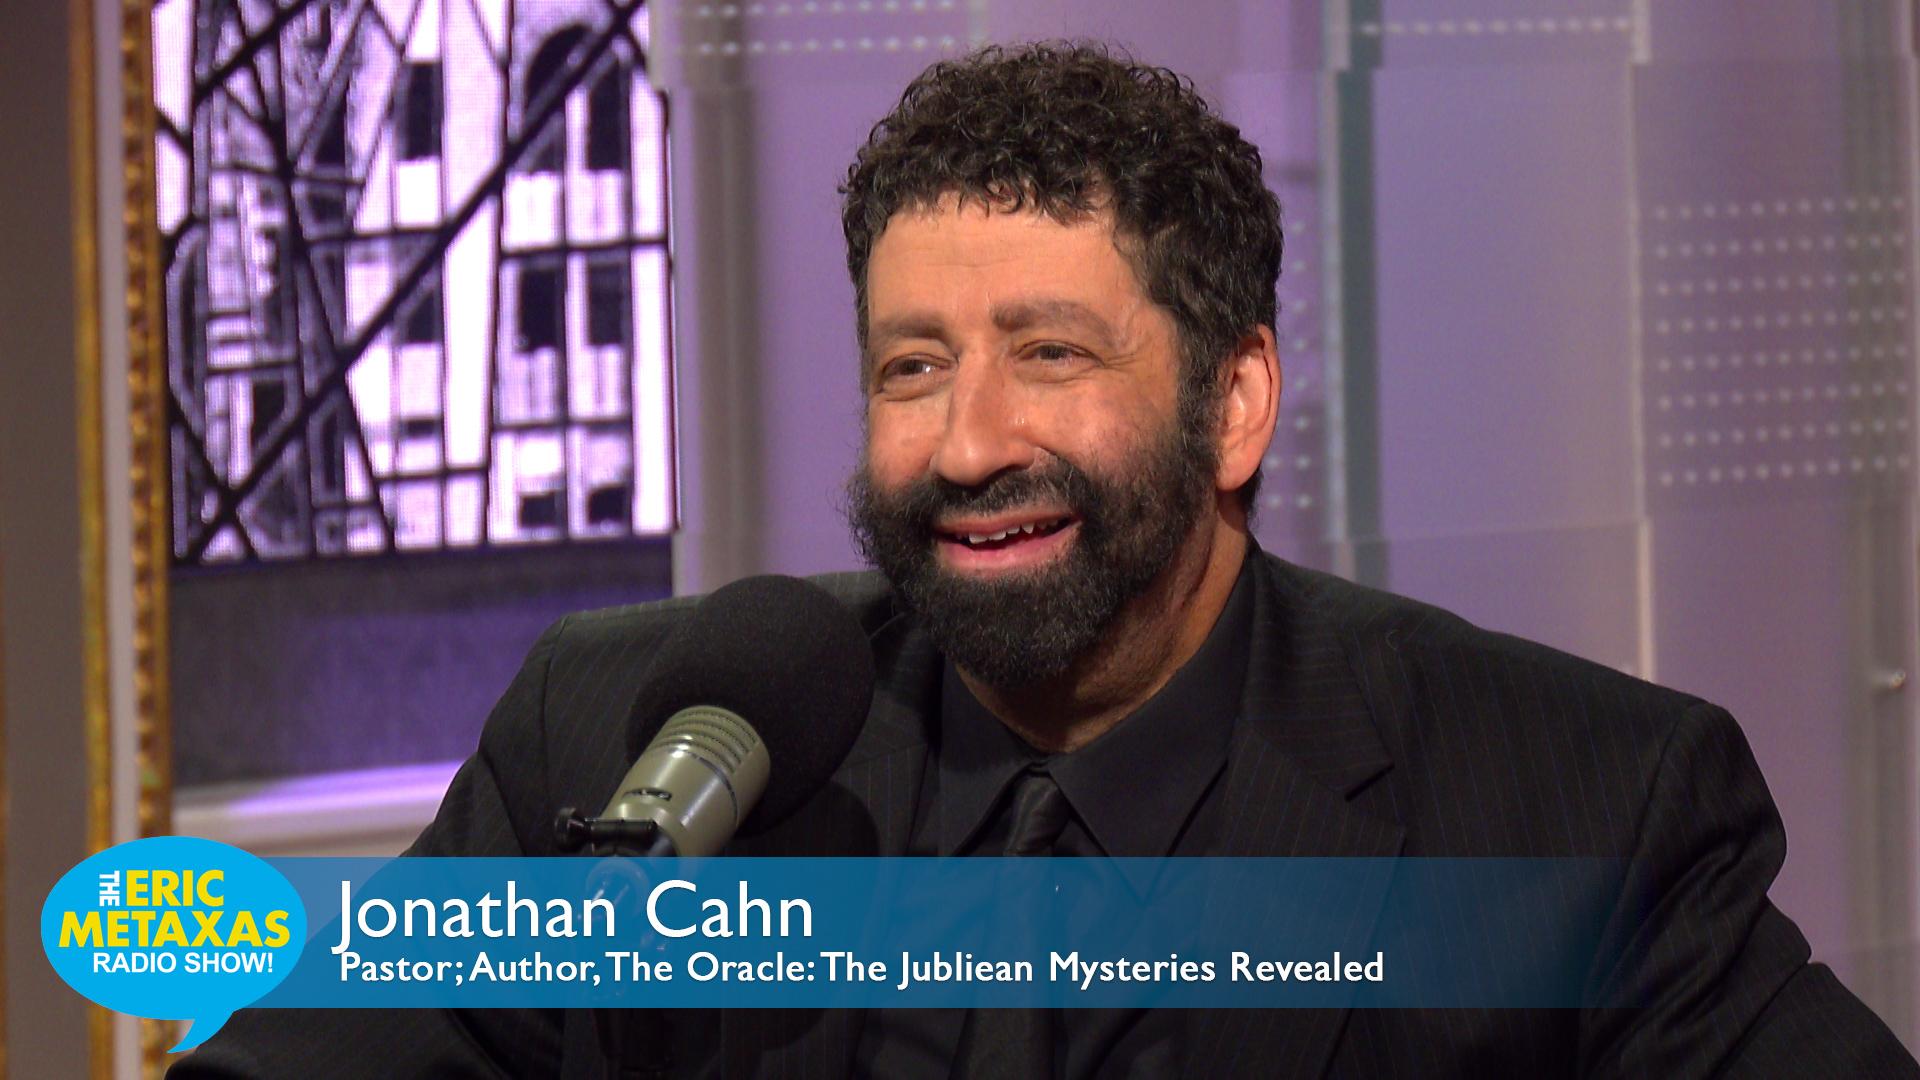 Jonathan Cahn: The Oracle - Metaxas Super - The Eric Metaxas Show Podcast